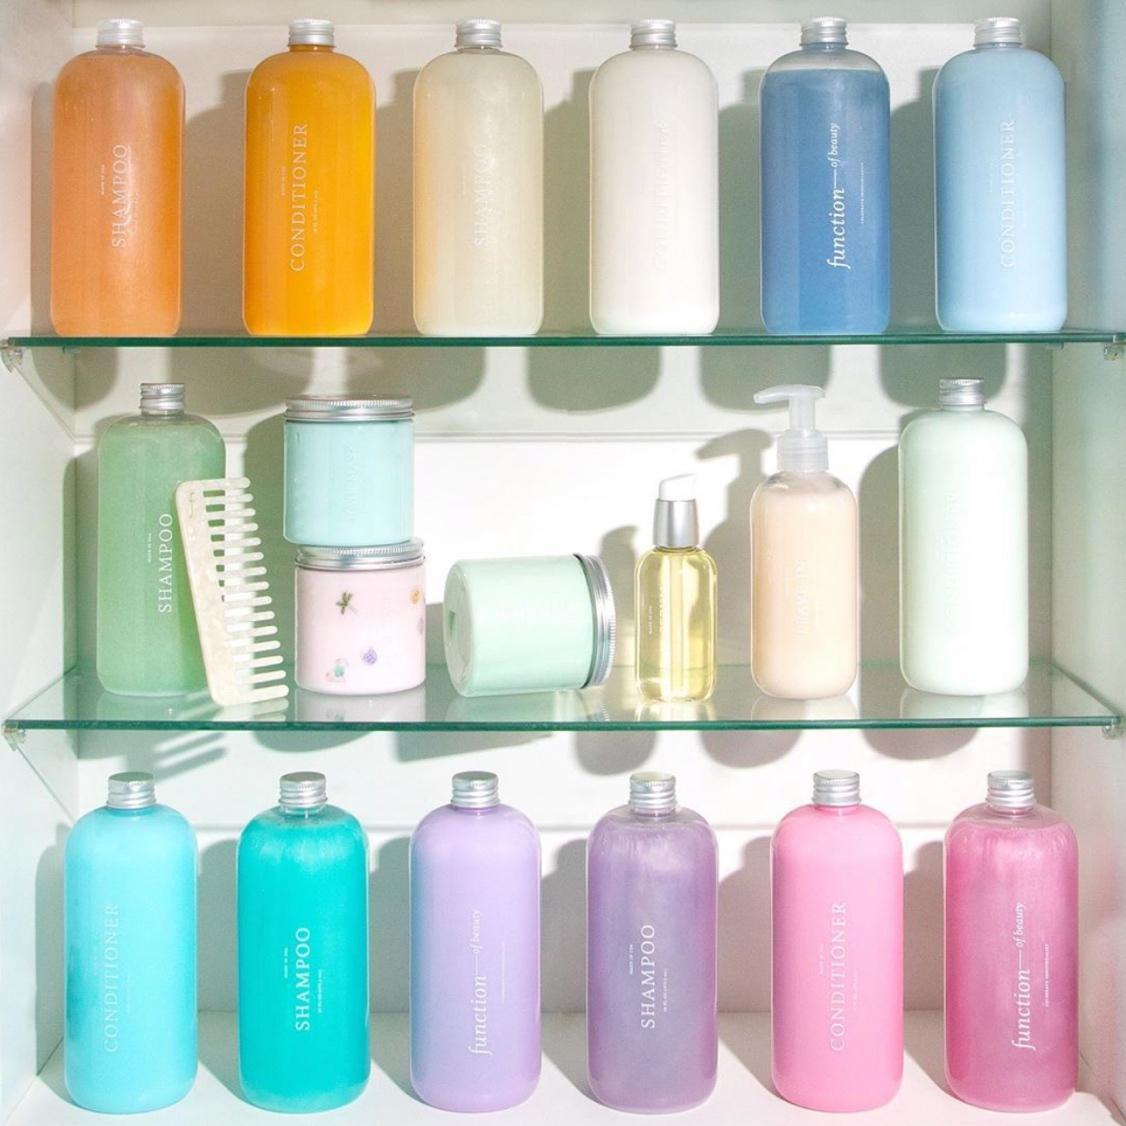 头发护理也将进去定制时代🤫 最近我发现传统的洗护发产品都无法